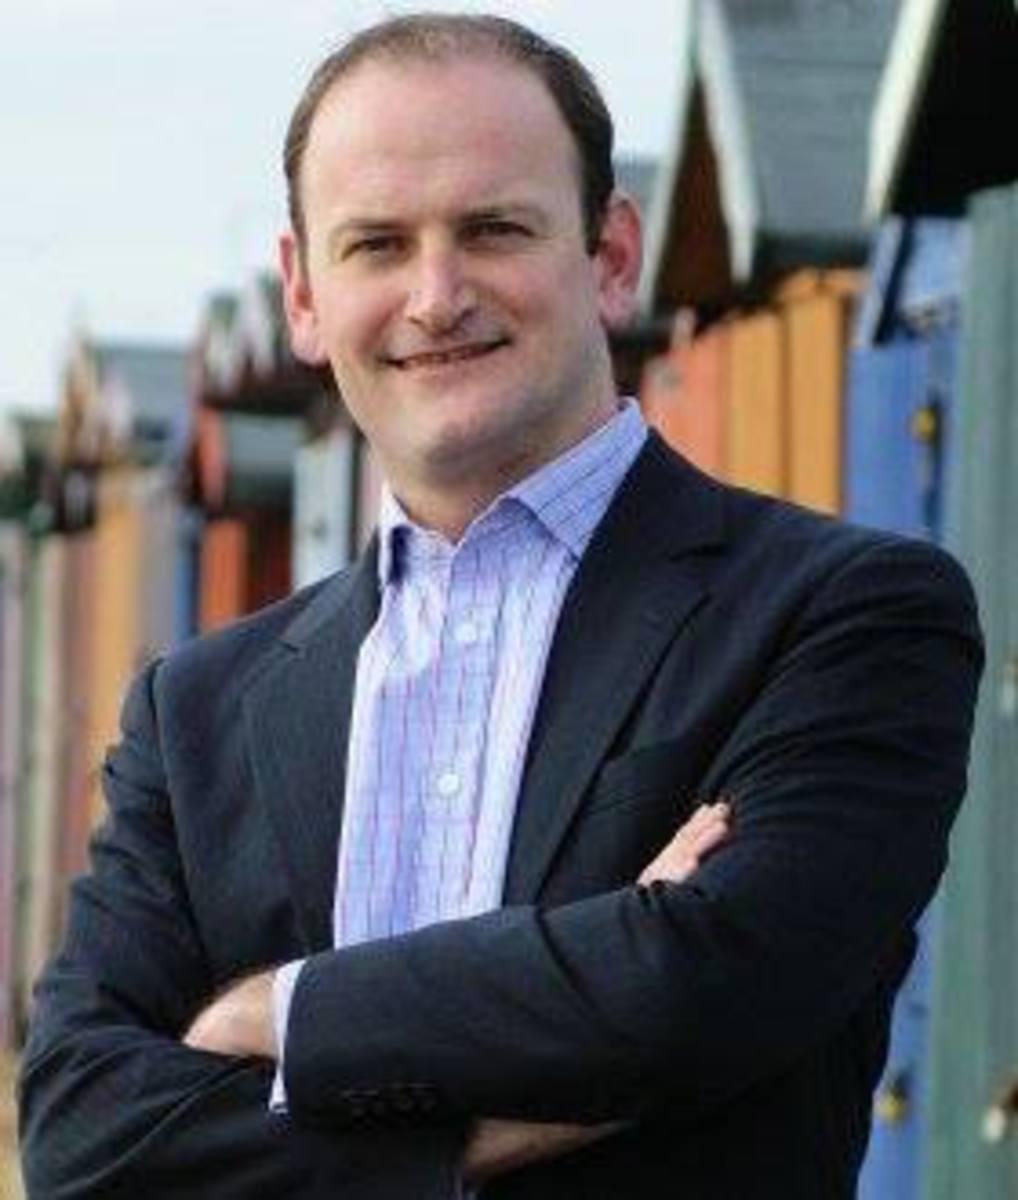 UKIP's ony MP Douglas Carswell